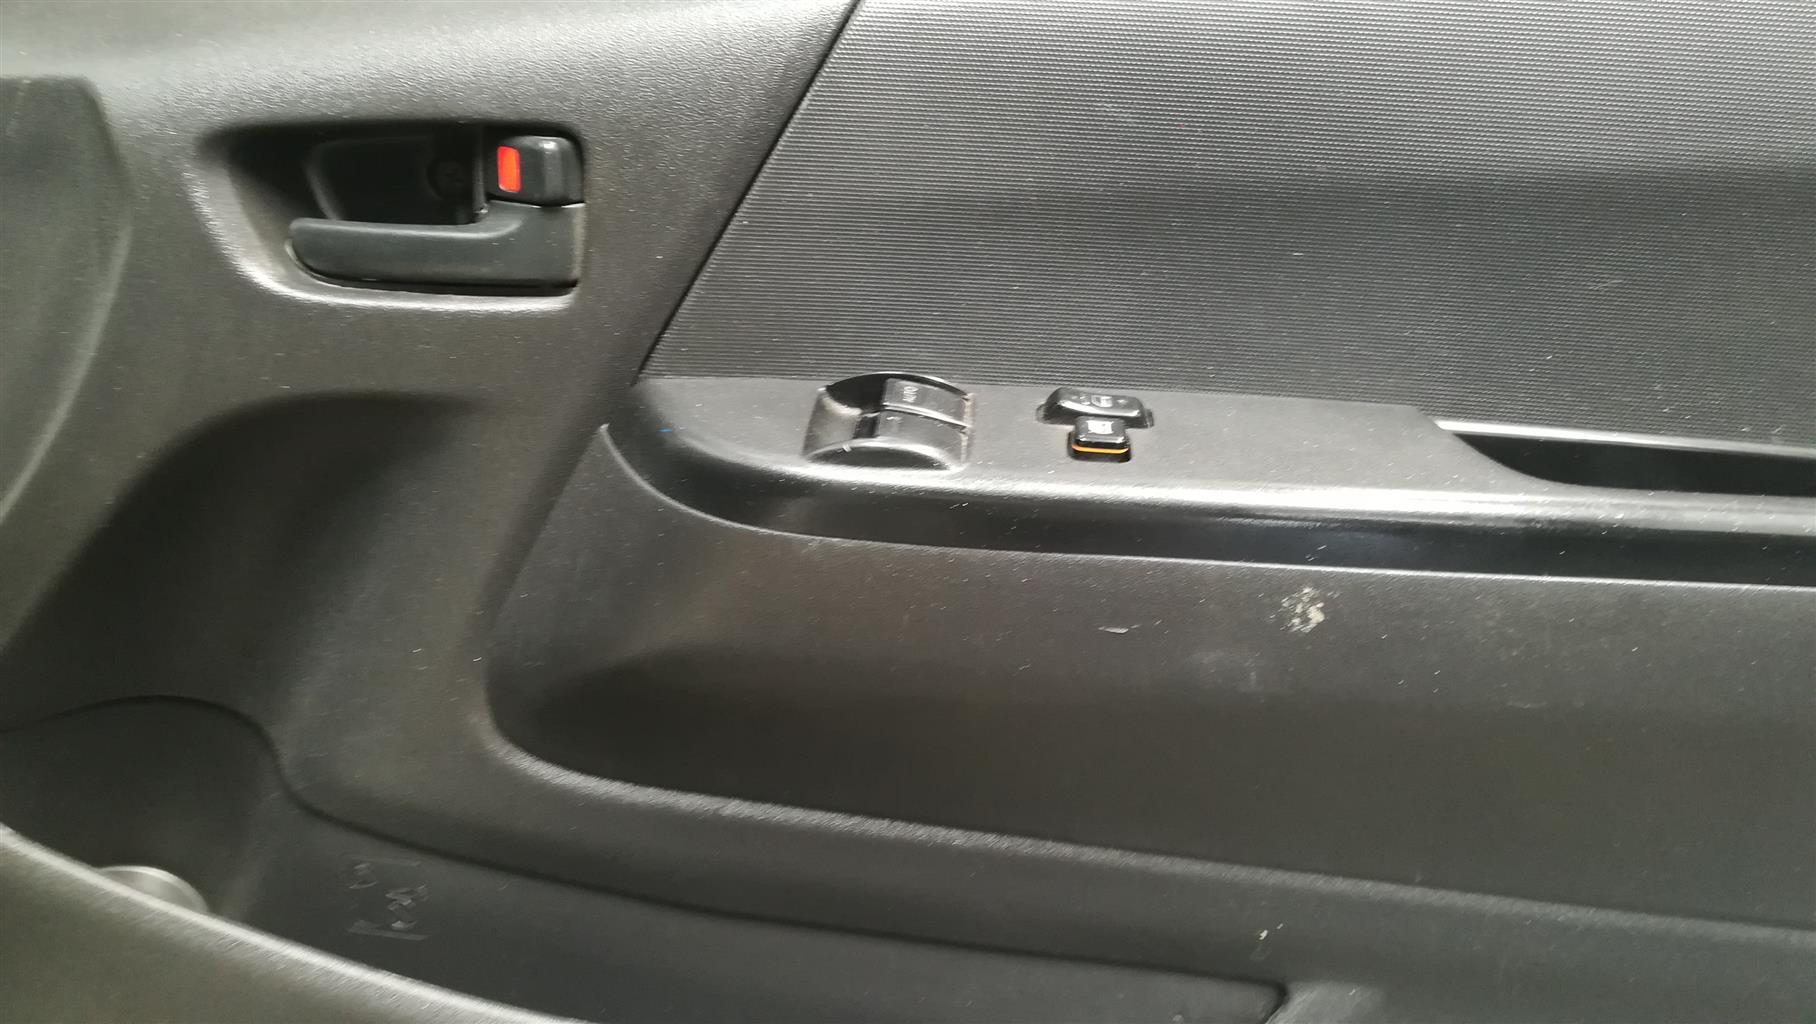 2013 Toyota Quantum 2.7 panel van